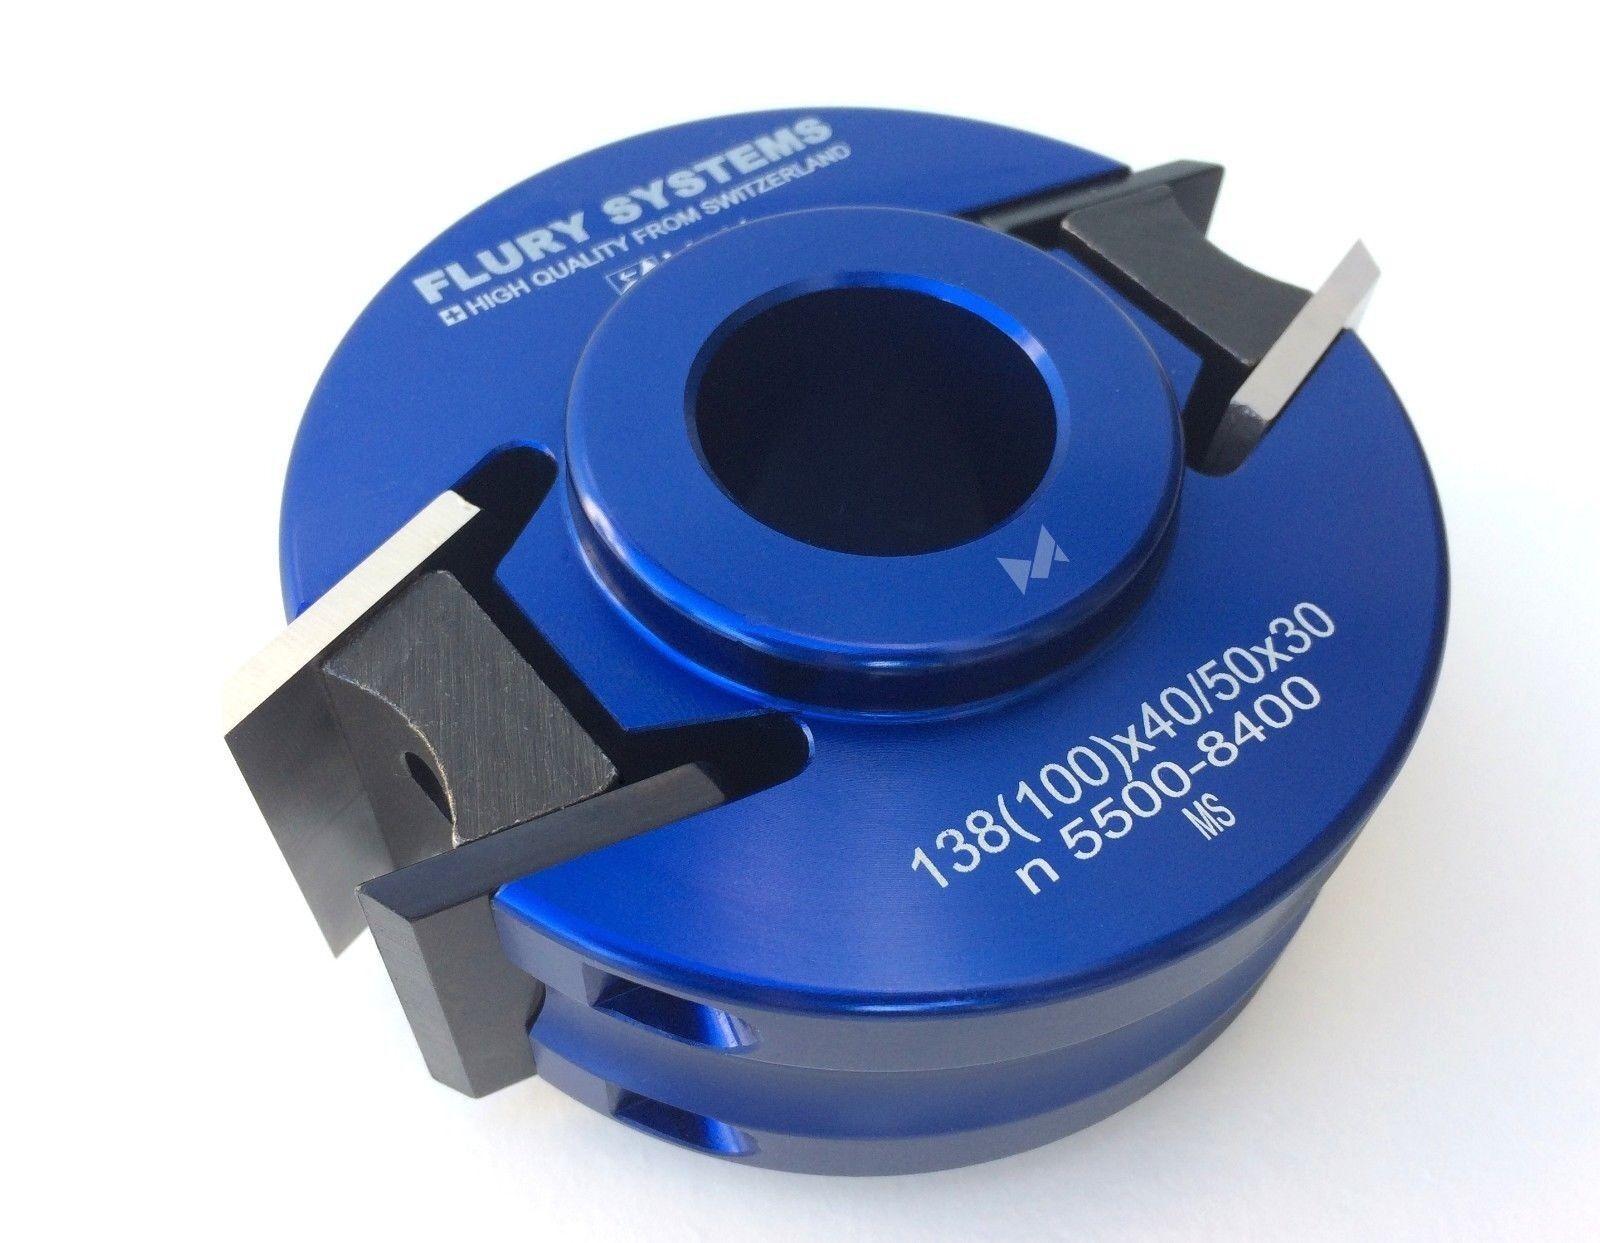 FLURY Sicherheits-Profilmesserkopf (138)100x40 50x30 mm 03.100.050.430.A